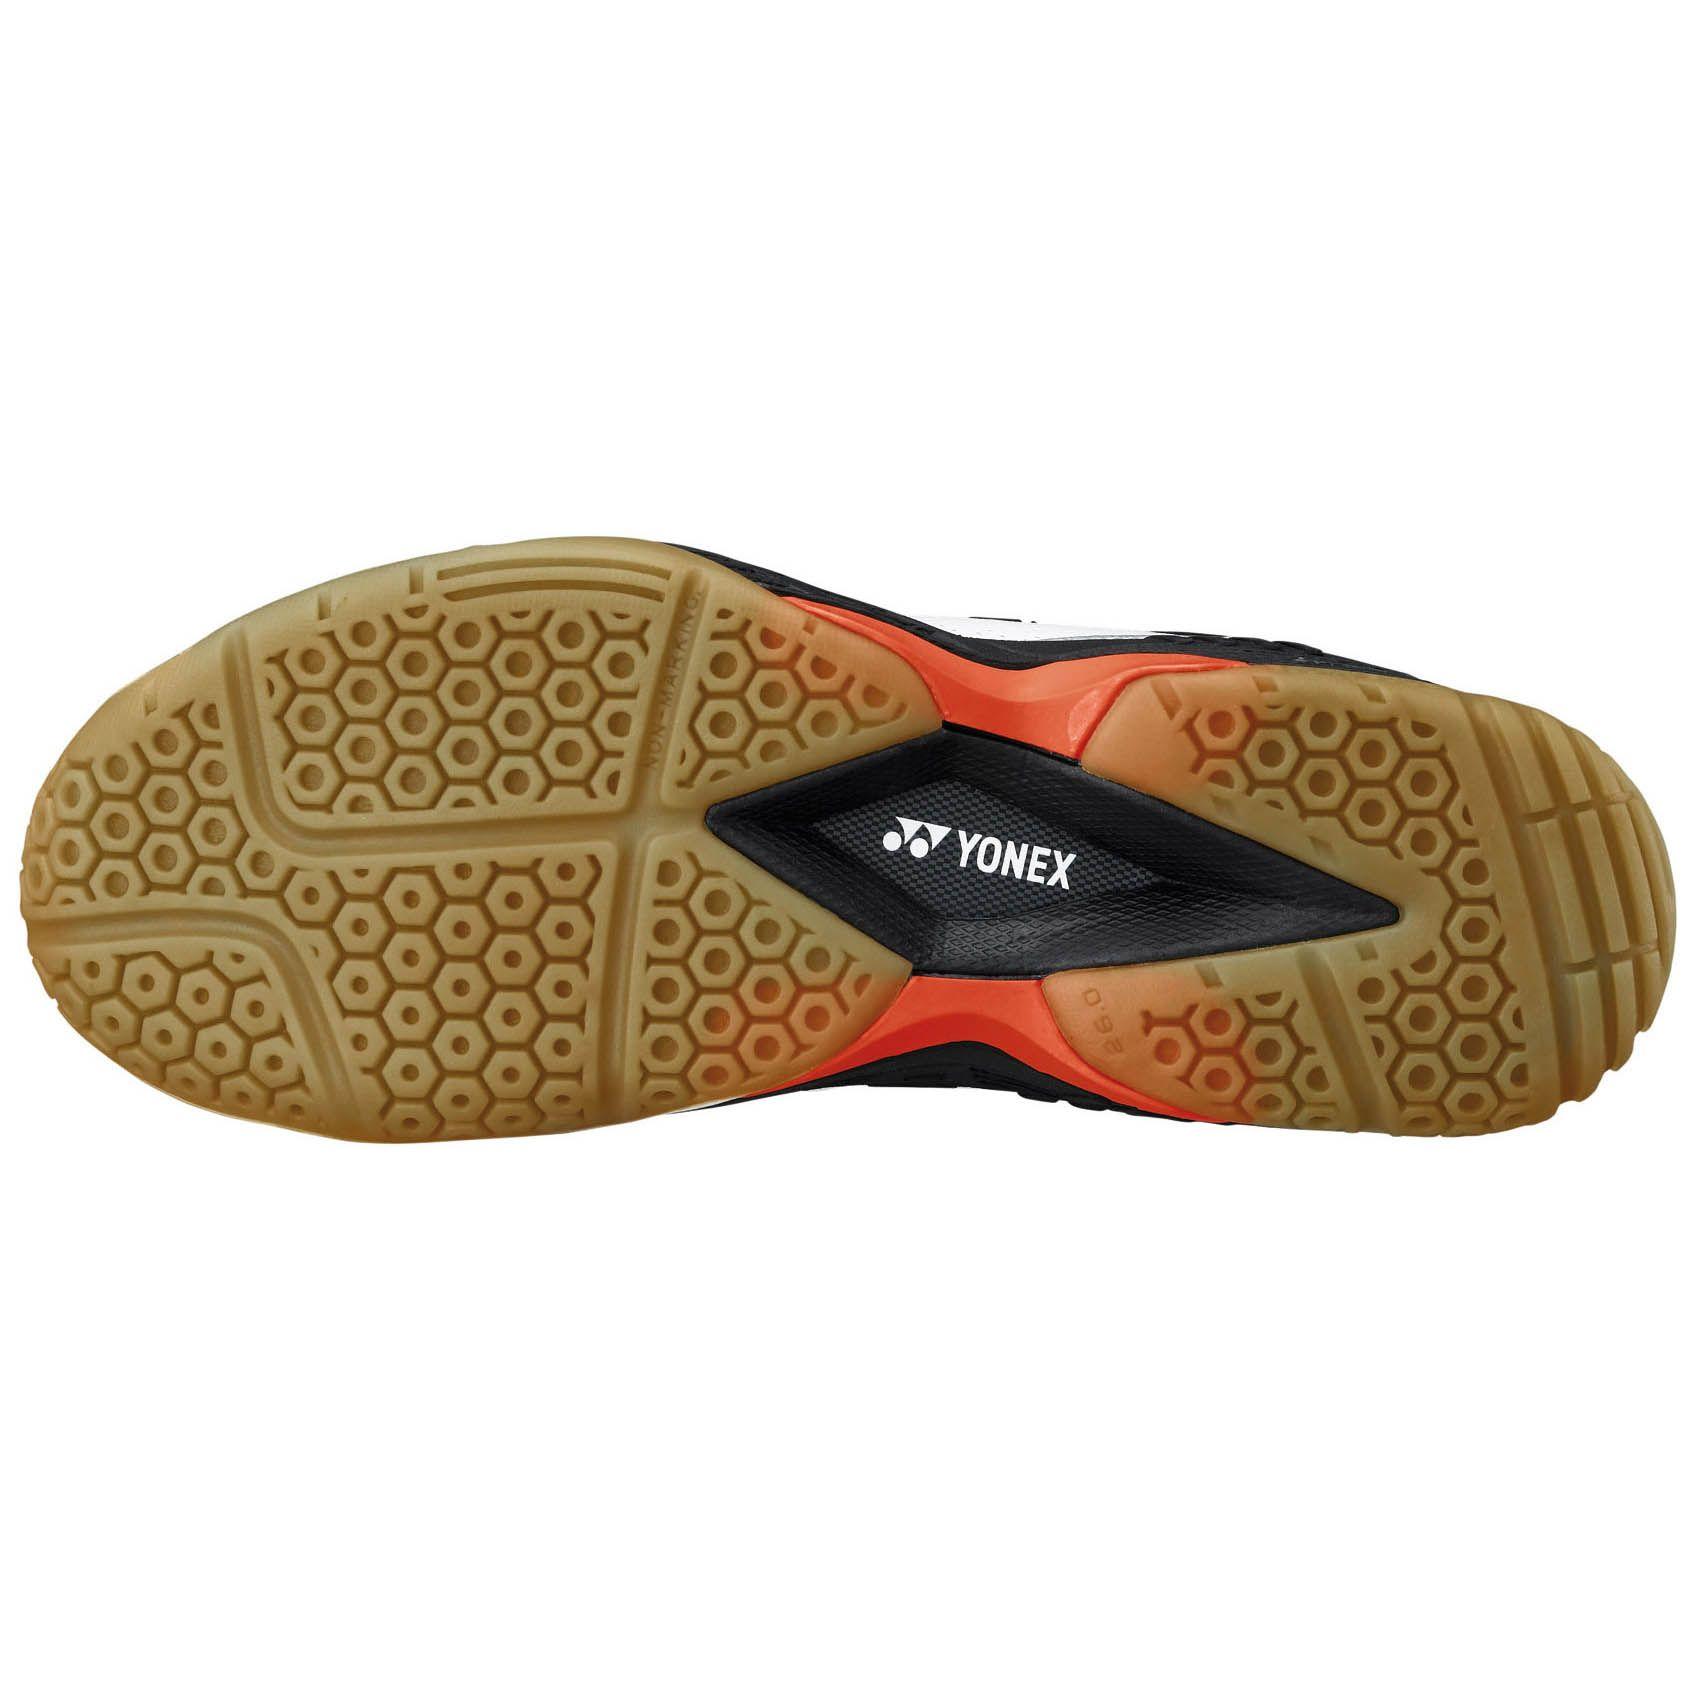 Yonex Shb Ex Badminton Shoes Mens